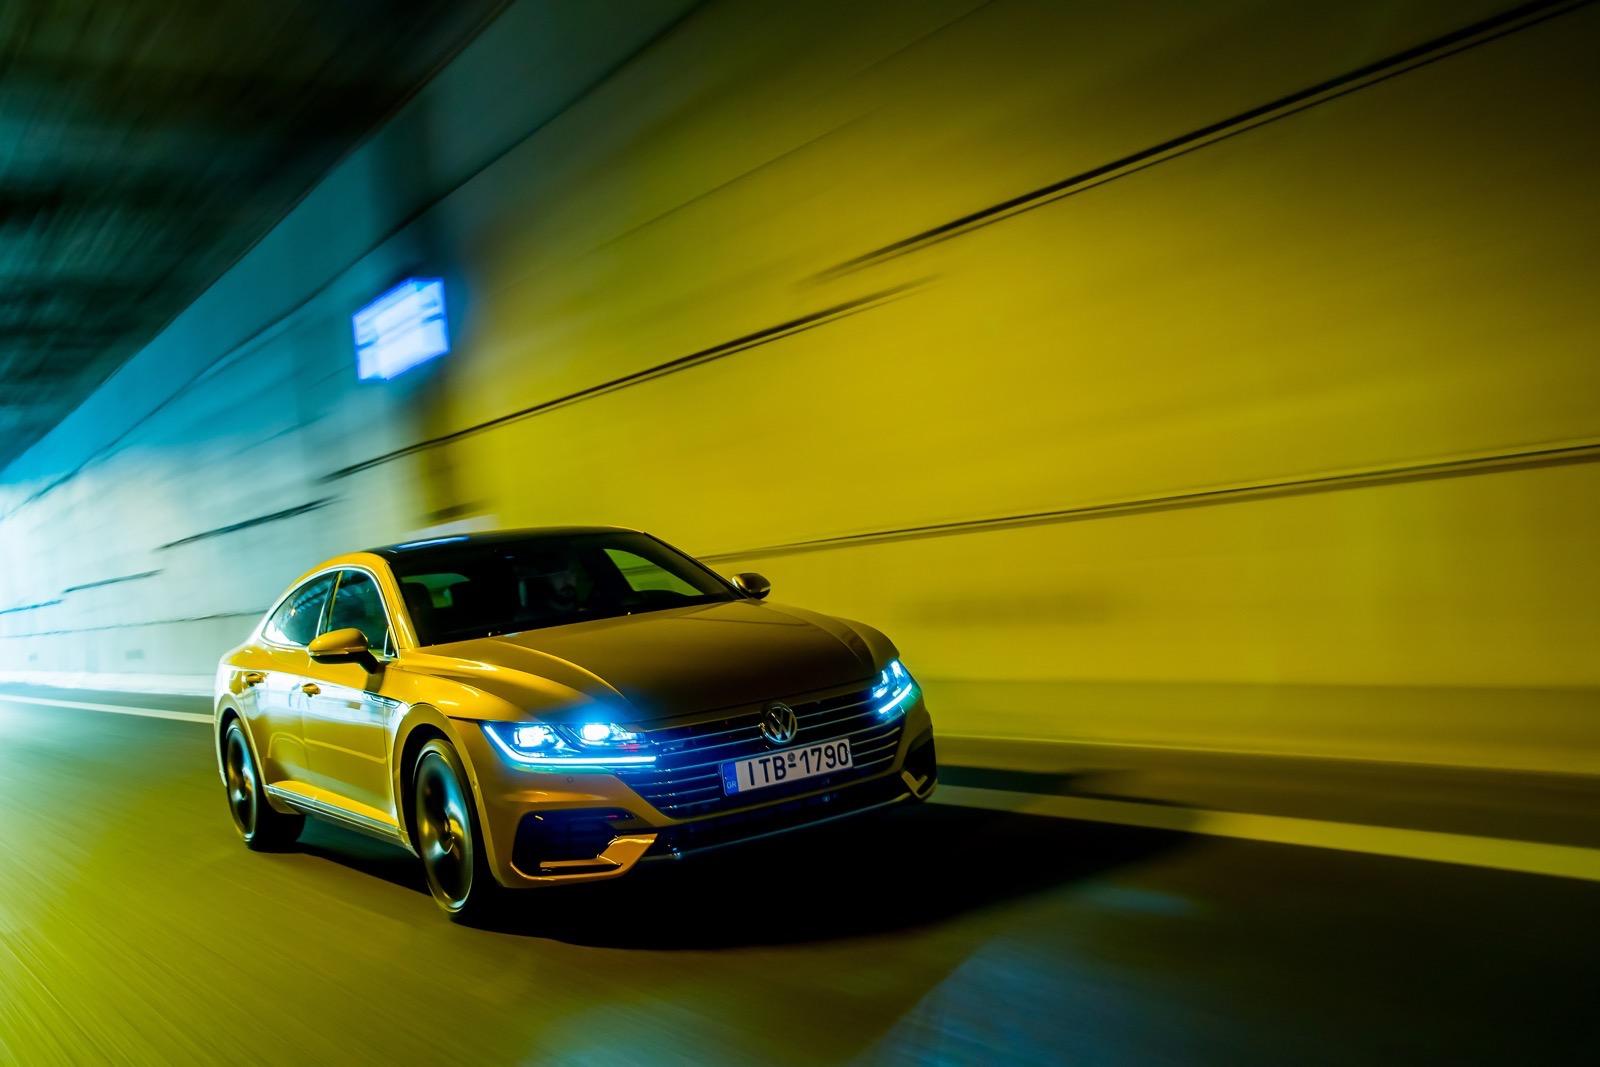 Volkswagen_Arteon_Greek_Presentataion_16